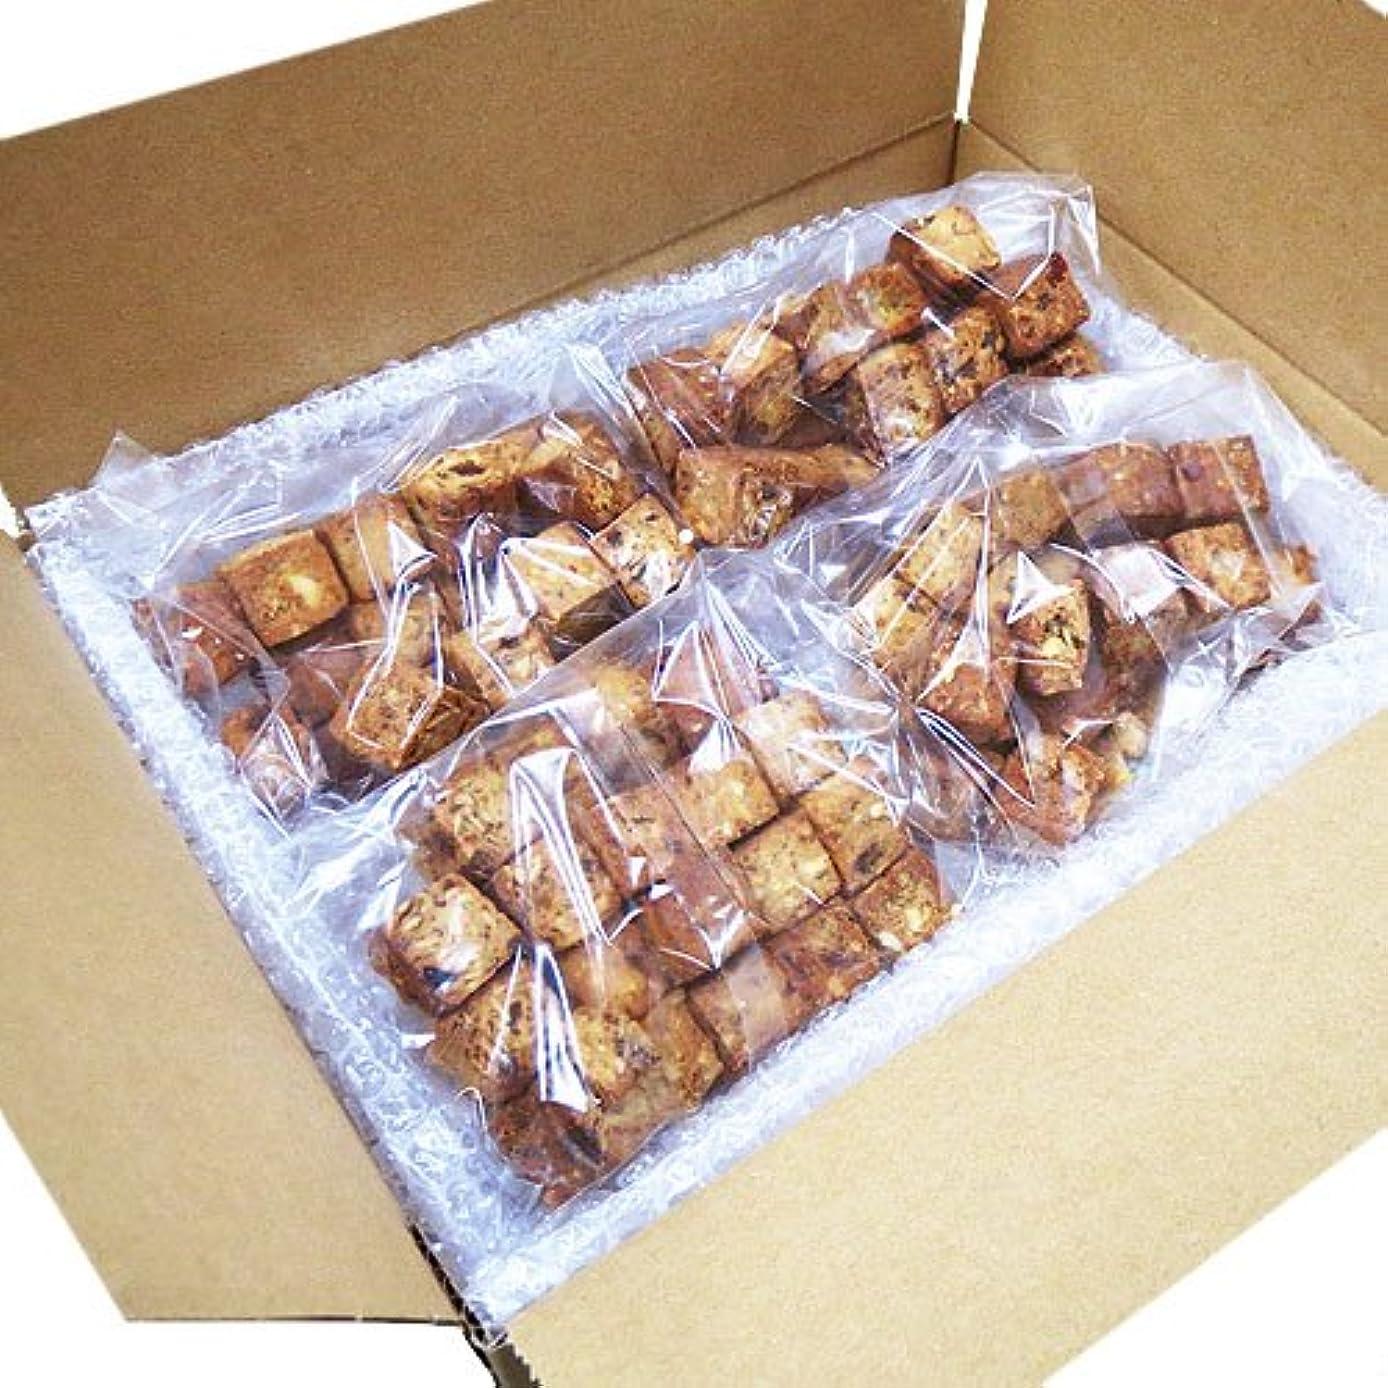 しなやかな遠洋の麻酔薬蒲屋忠兵衛商店  大麦と果実のソイキューブ  800g(200g×4袋)